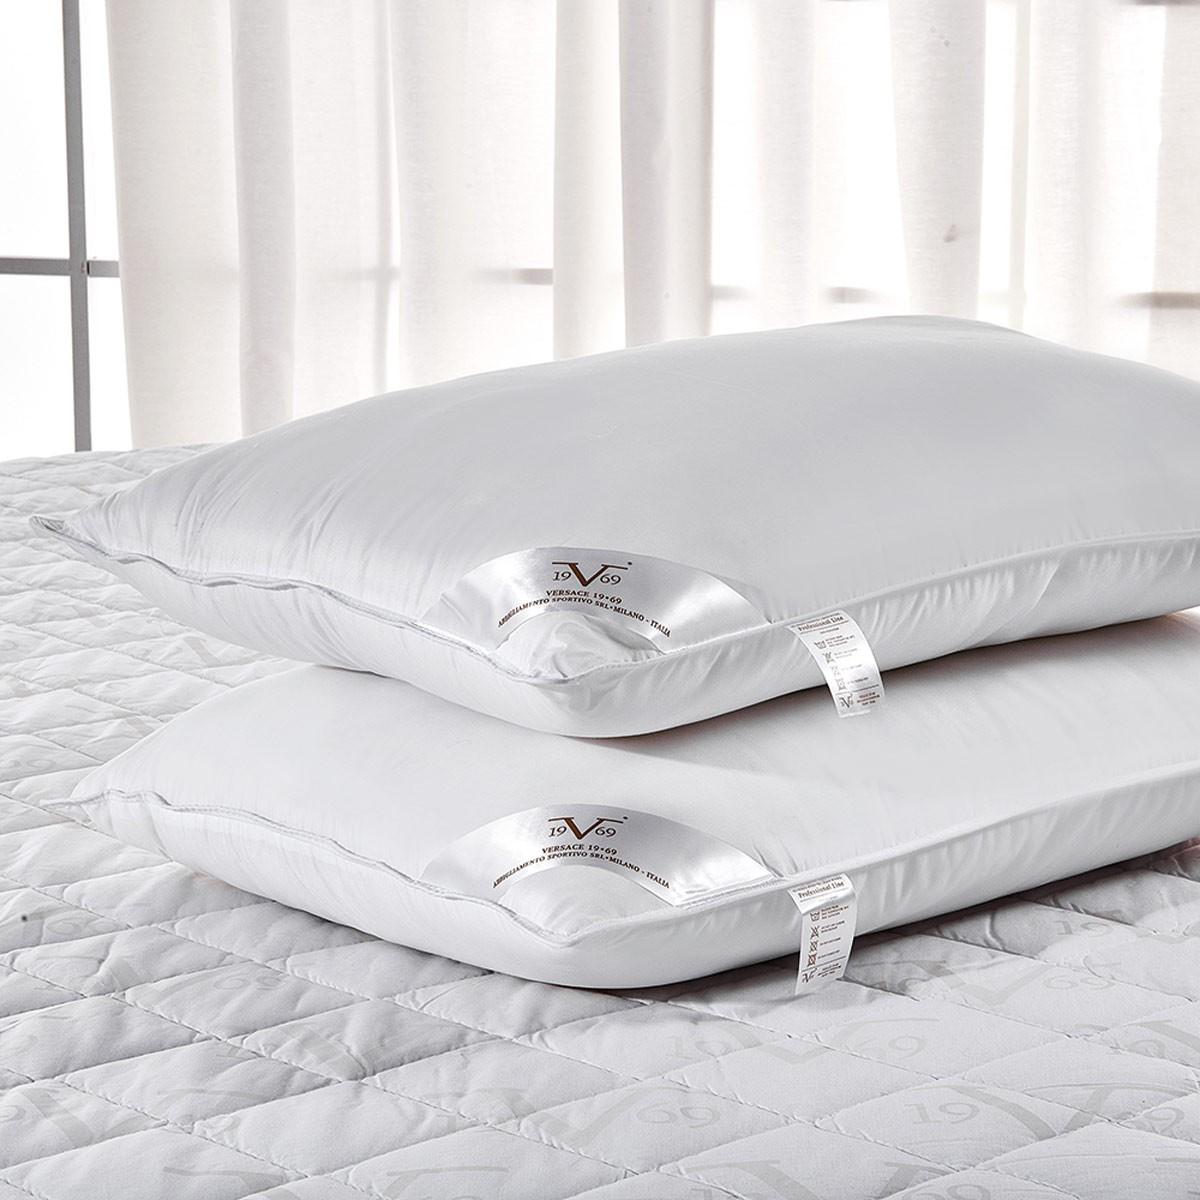 Μαξιλάρι Ύπνου V19.69 Comfort